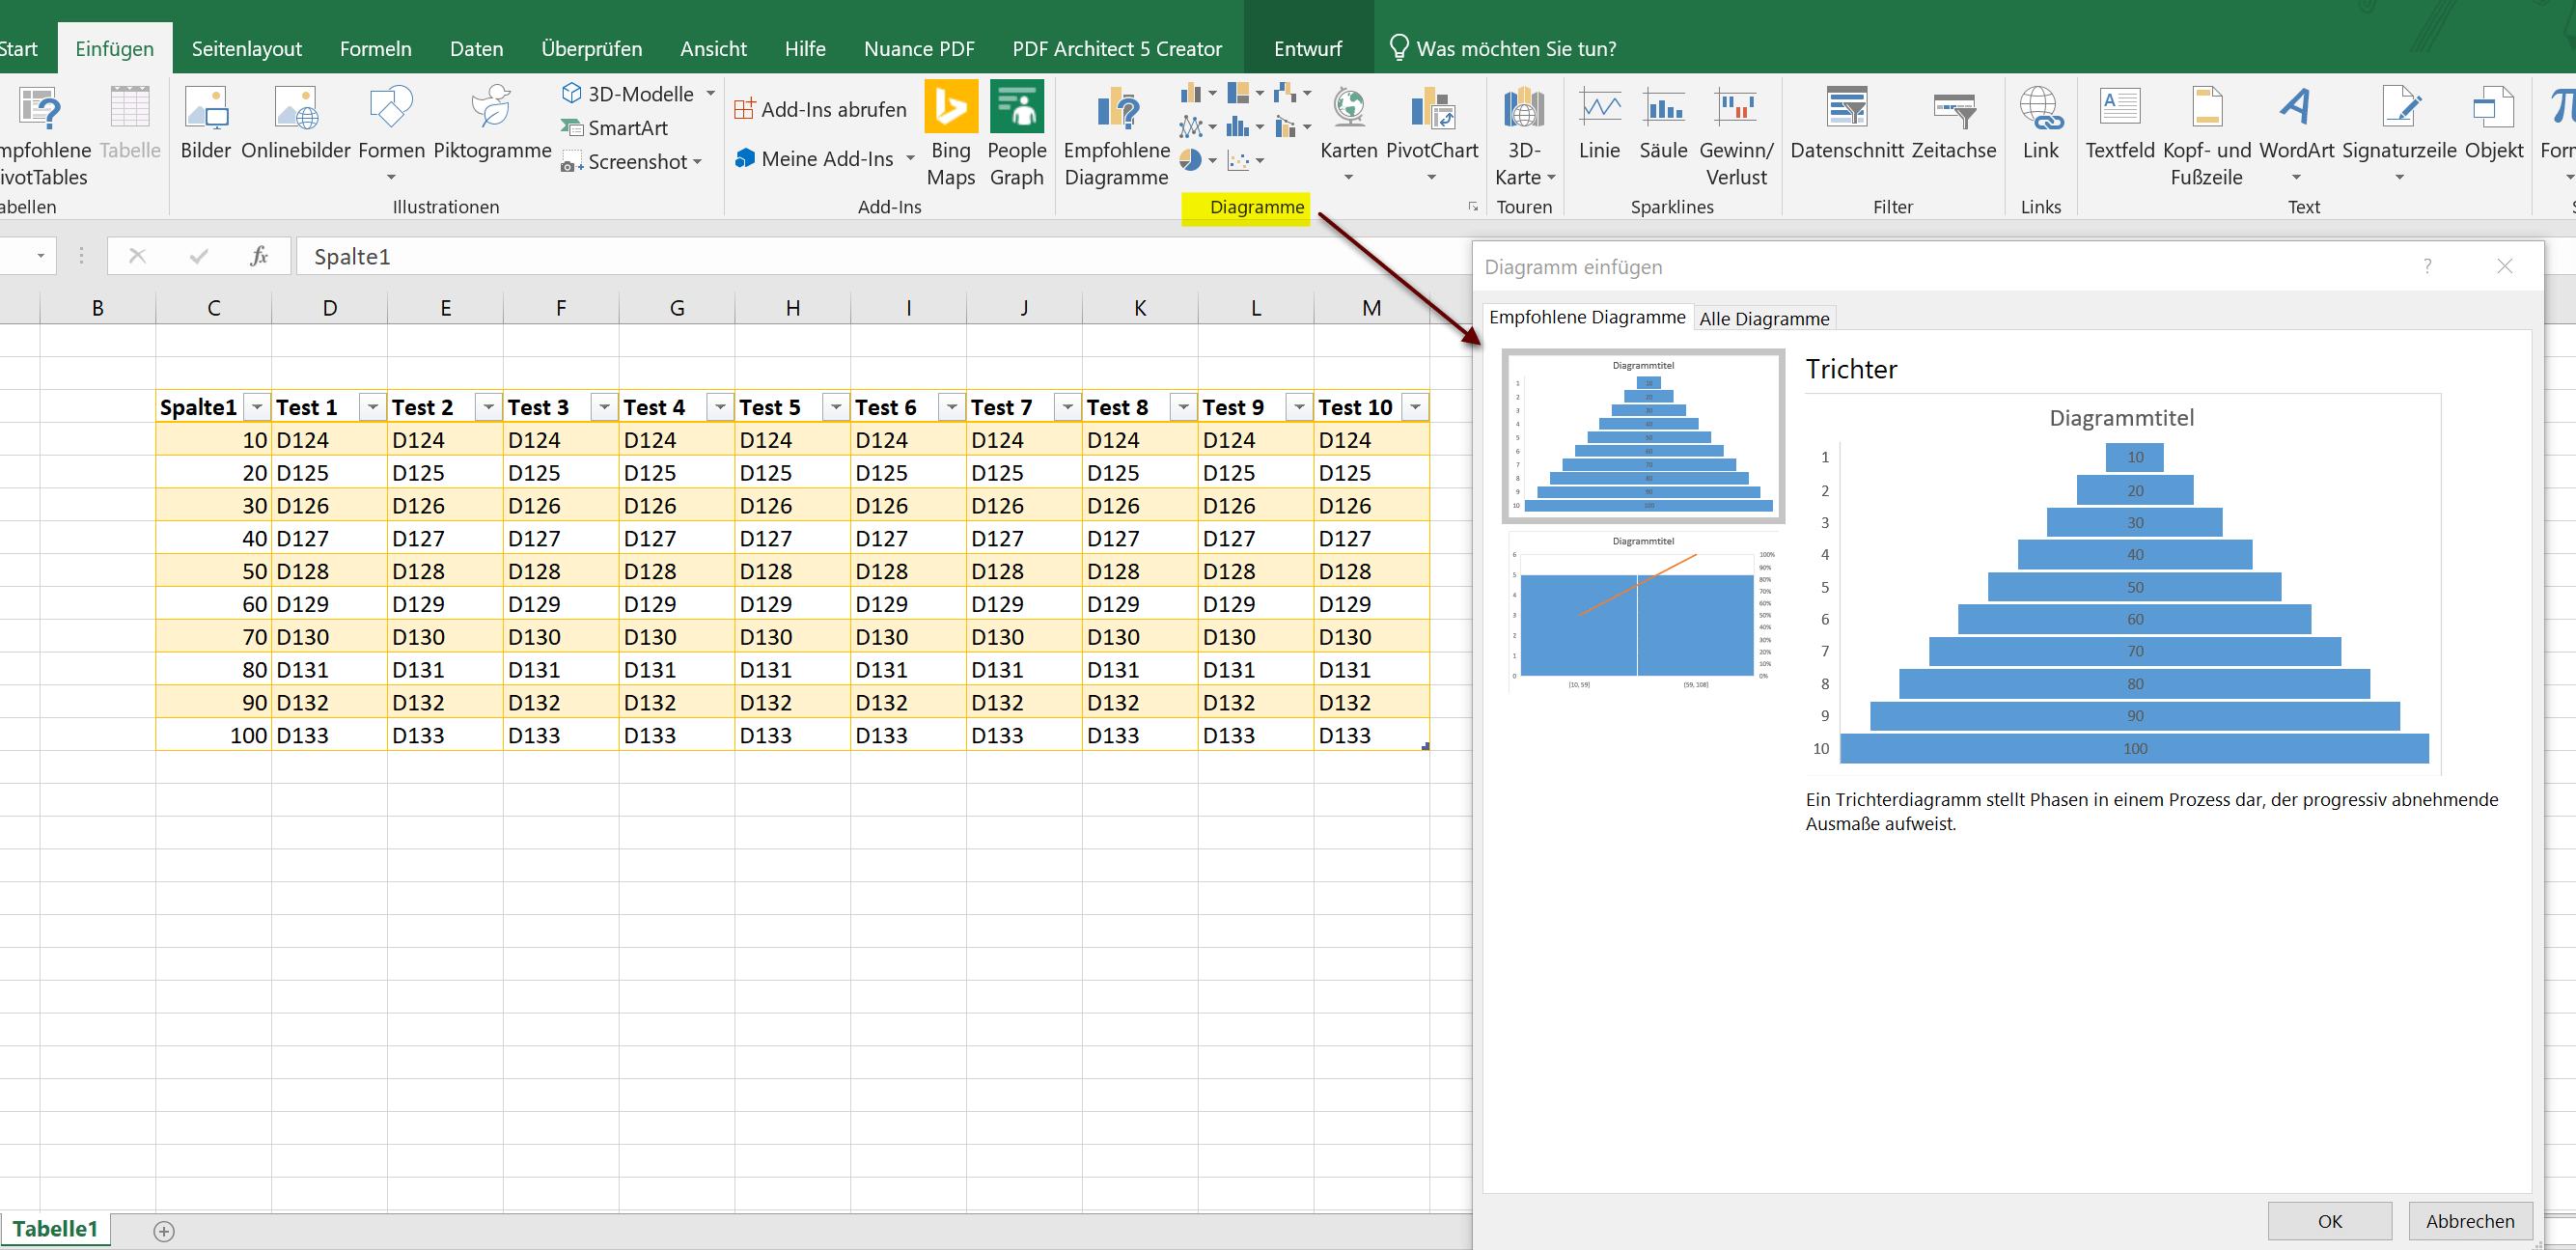 Excel 2019 - Trichterdiagramm